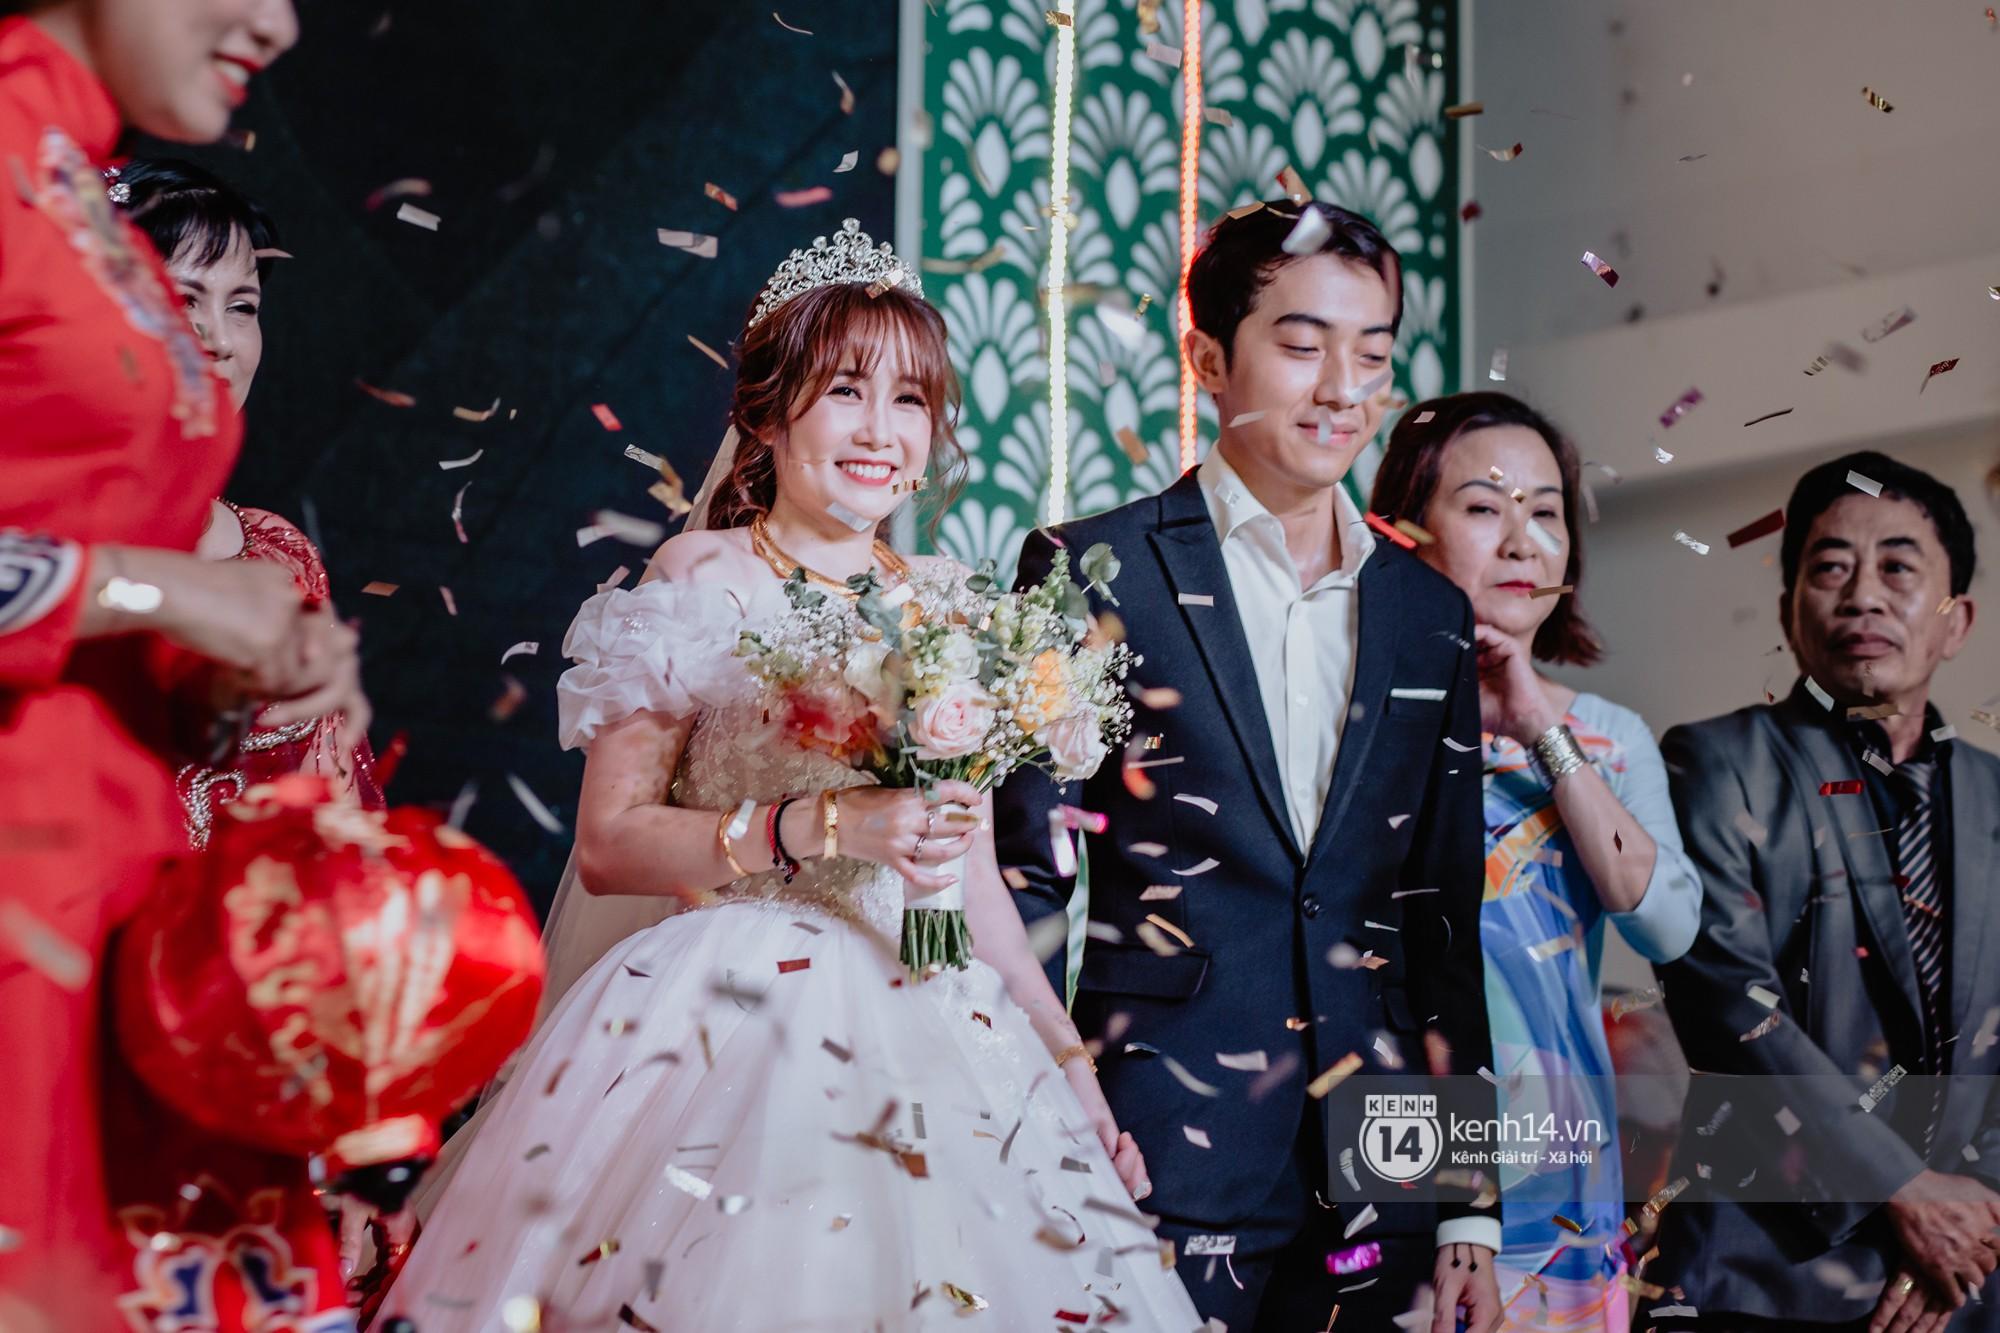 Xem hết một lượt những khoảnh khắc đẹp lịm tim của Cris Phan và Mai Quỳnh Anh: Cái kết đẹp của mối tình Chị ơi, anh yêu em! - Ảnh 8.